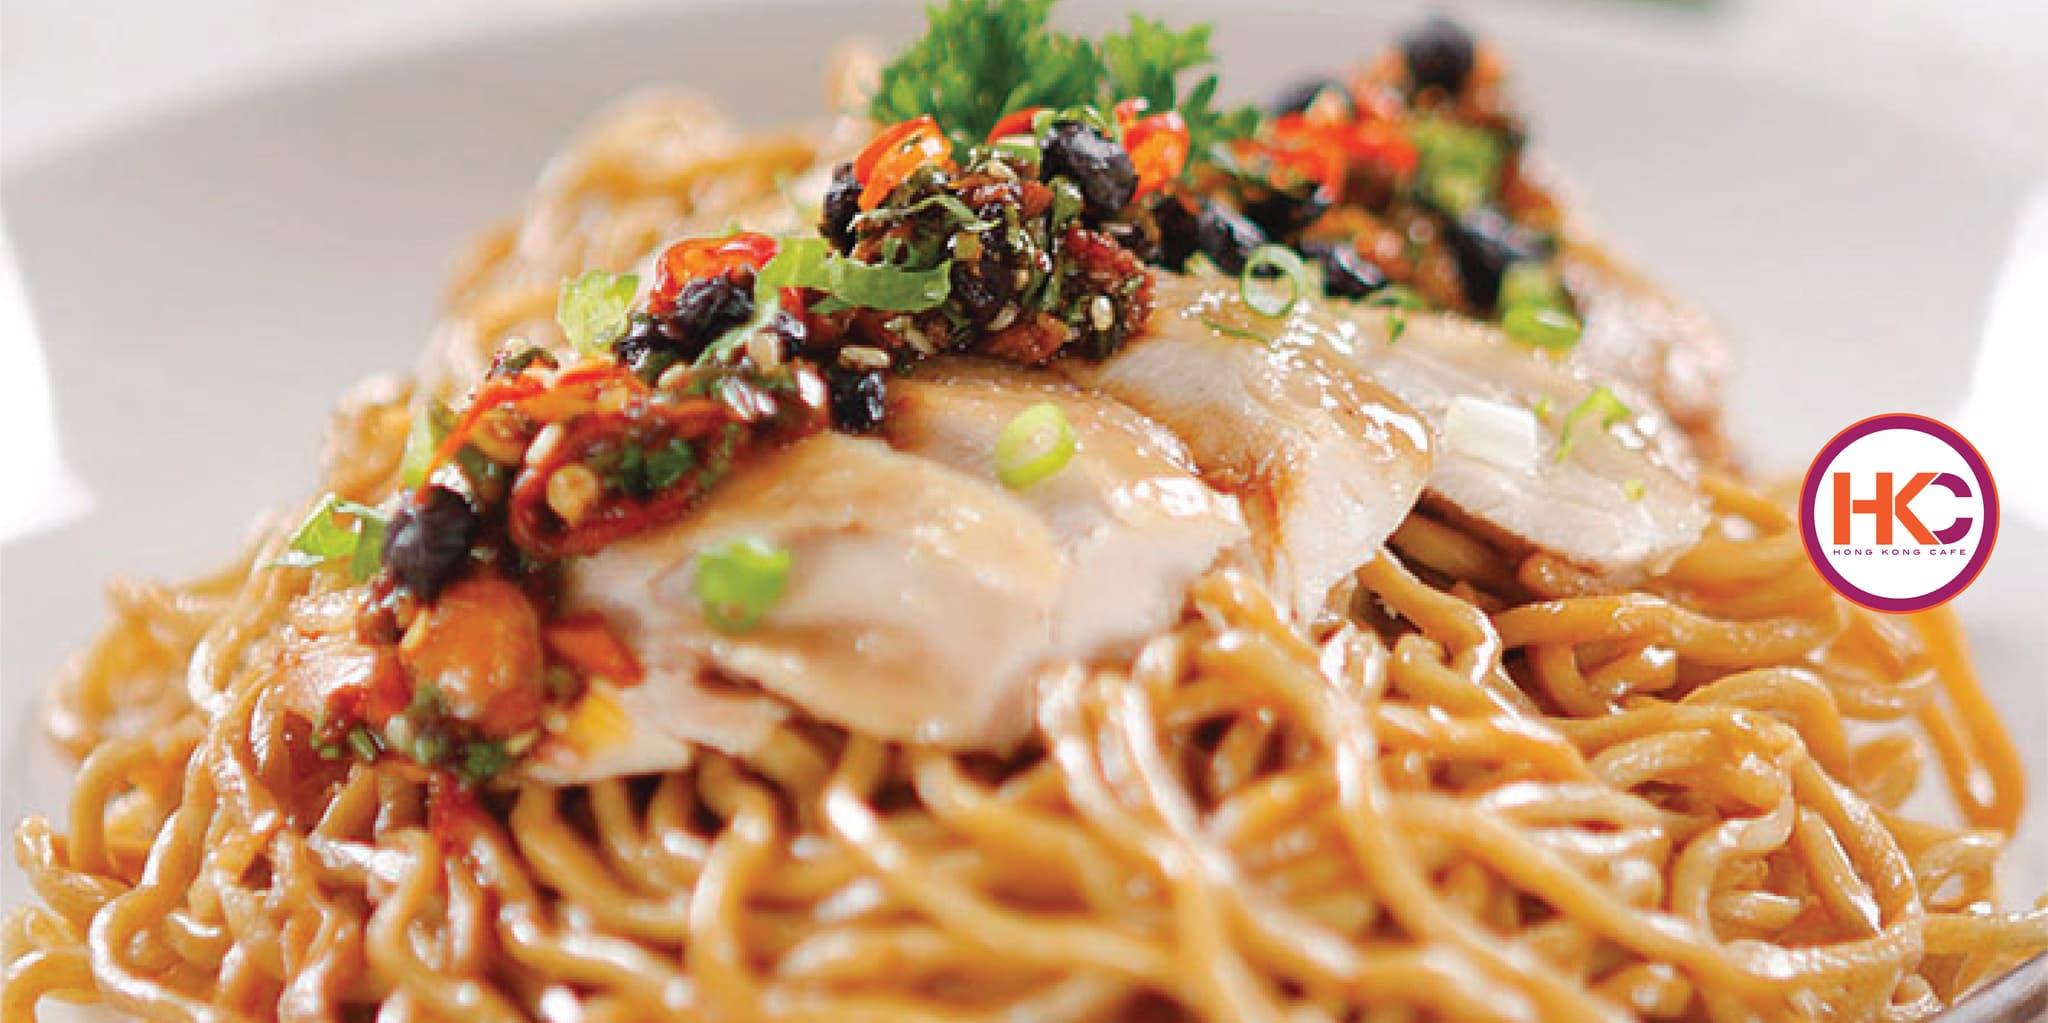 Voucher Value Hong Kong Cafe Rp 200.000